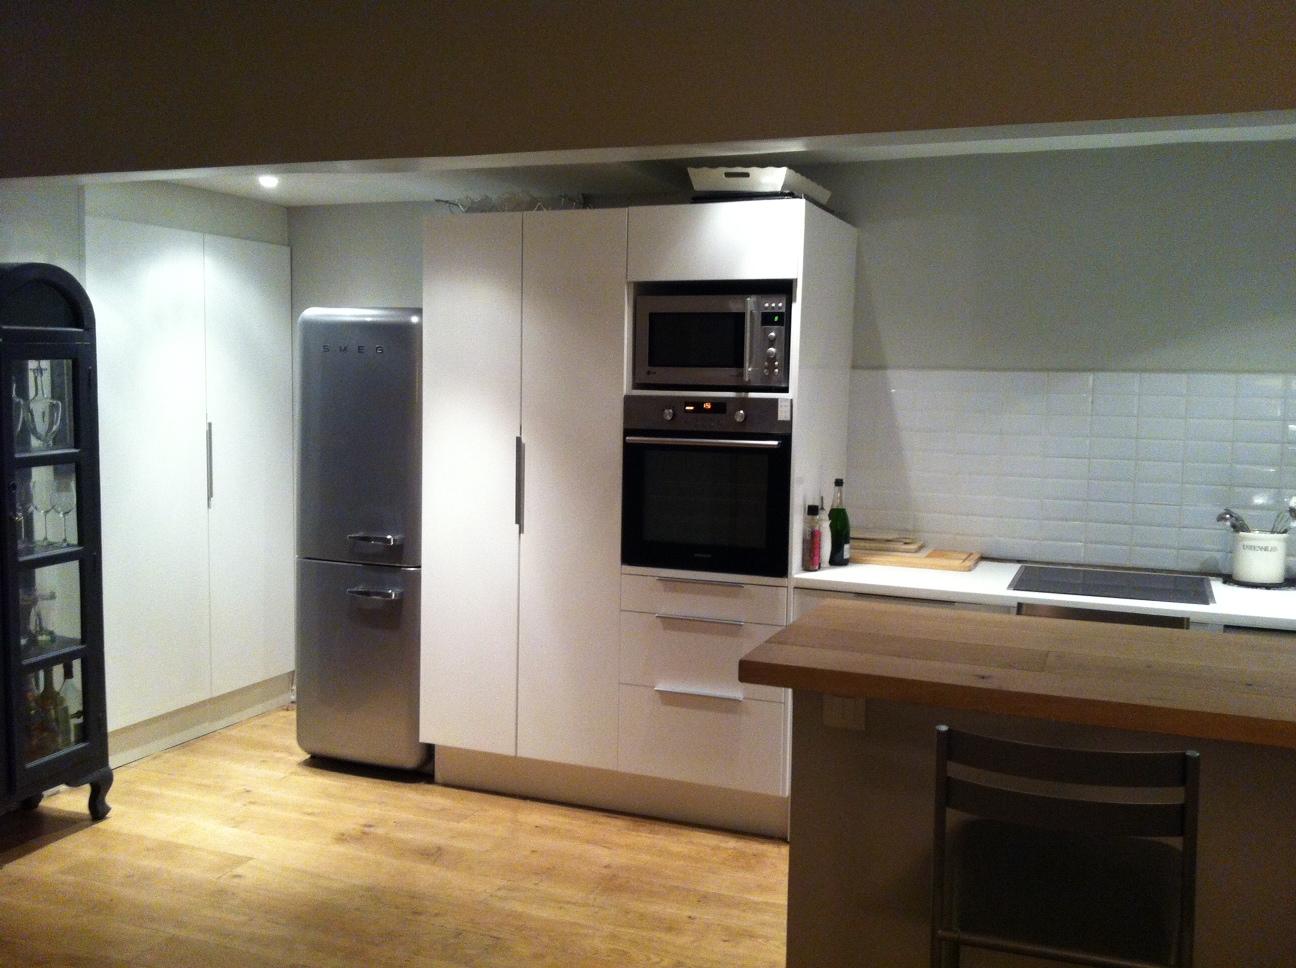 Installateur cuisine ikea boulogne billancourt 92 - Colonne de cuisine ikea ...